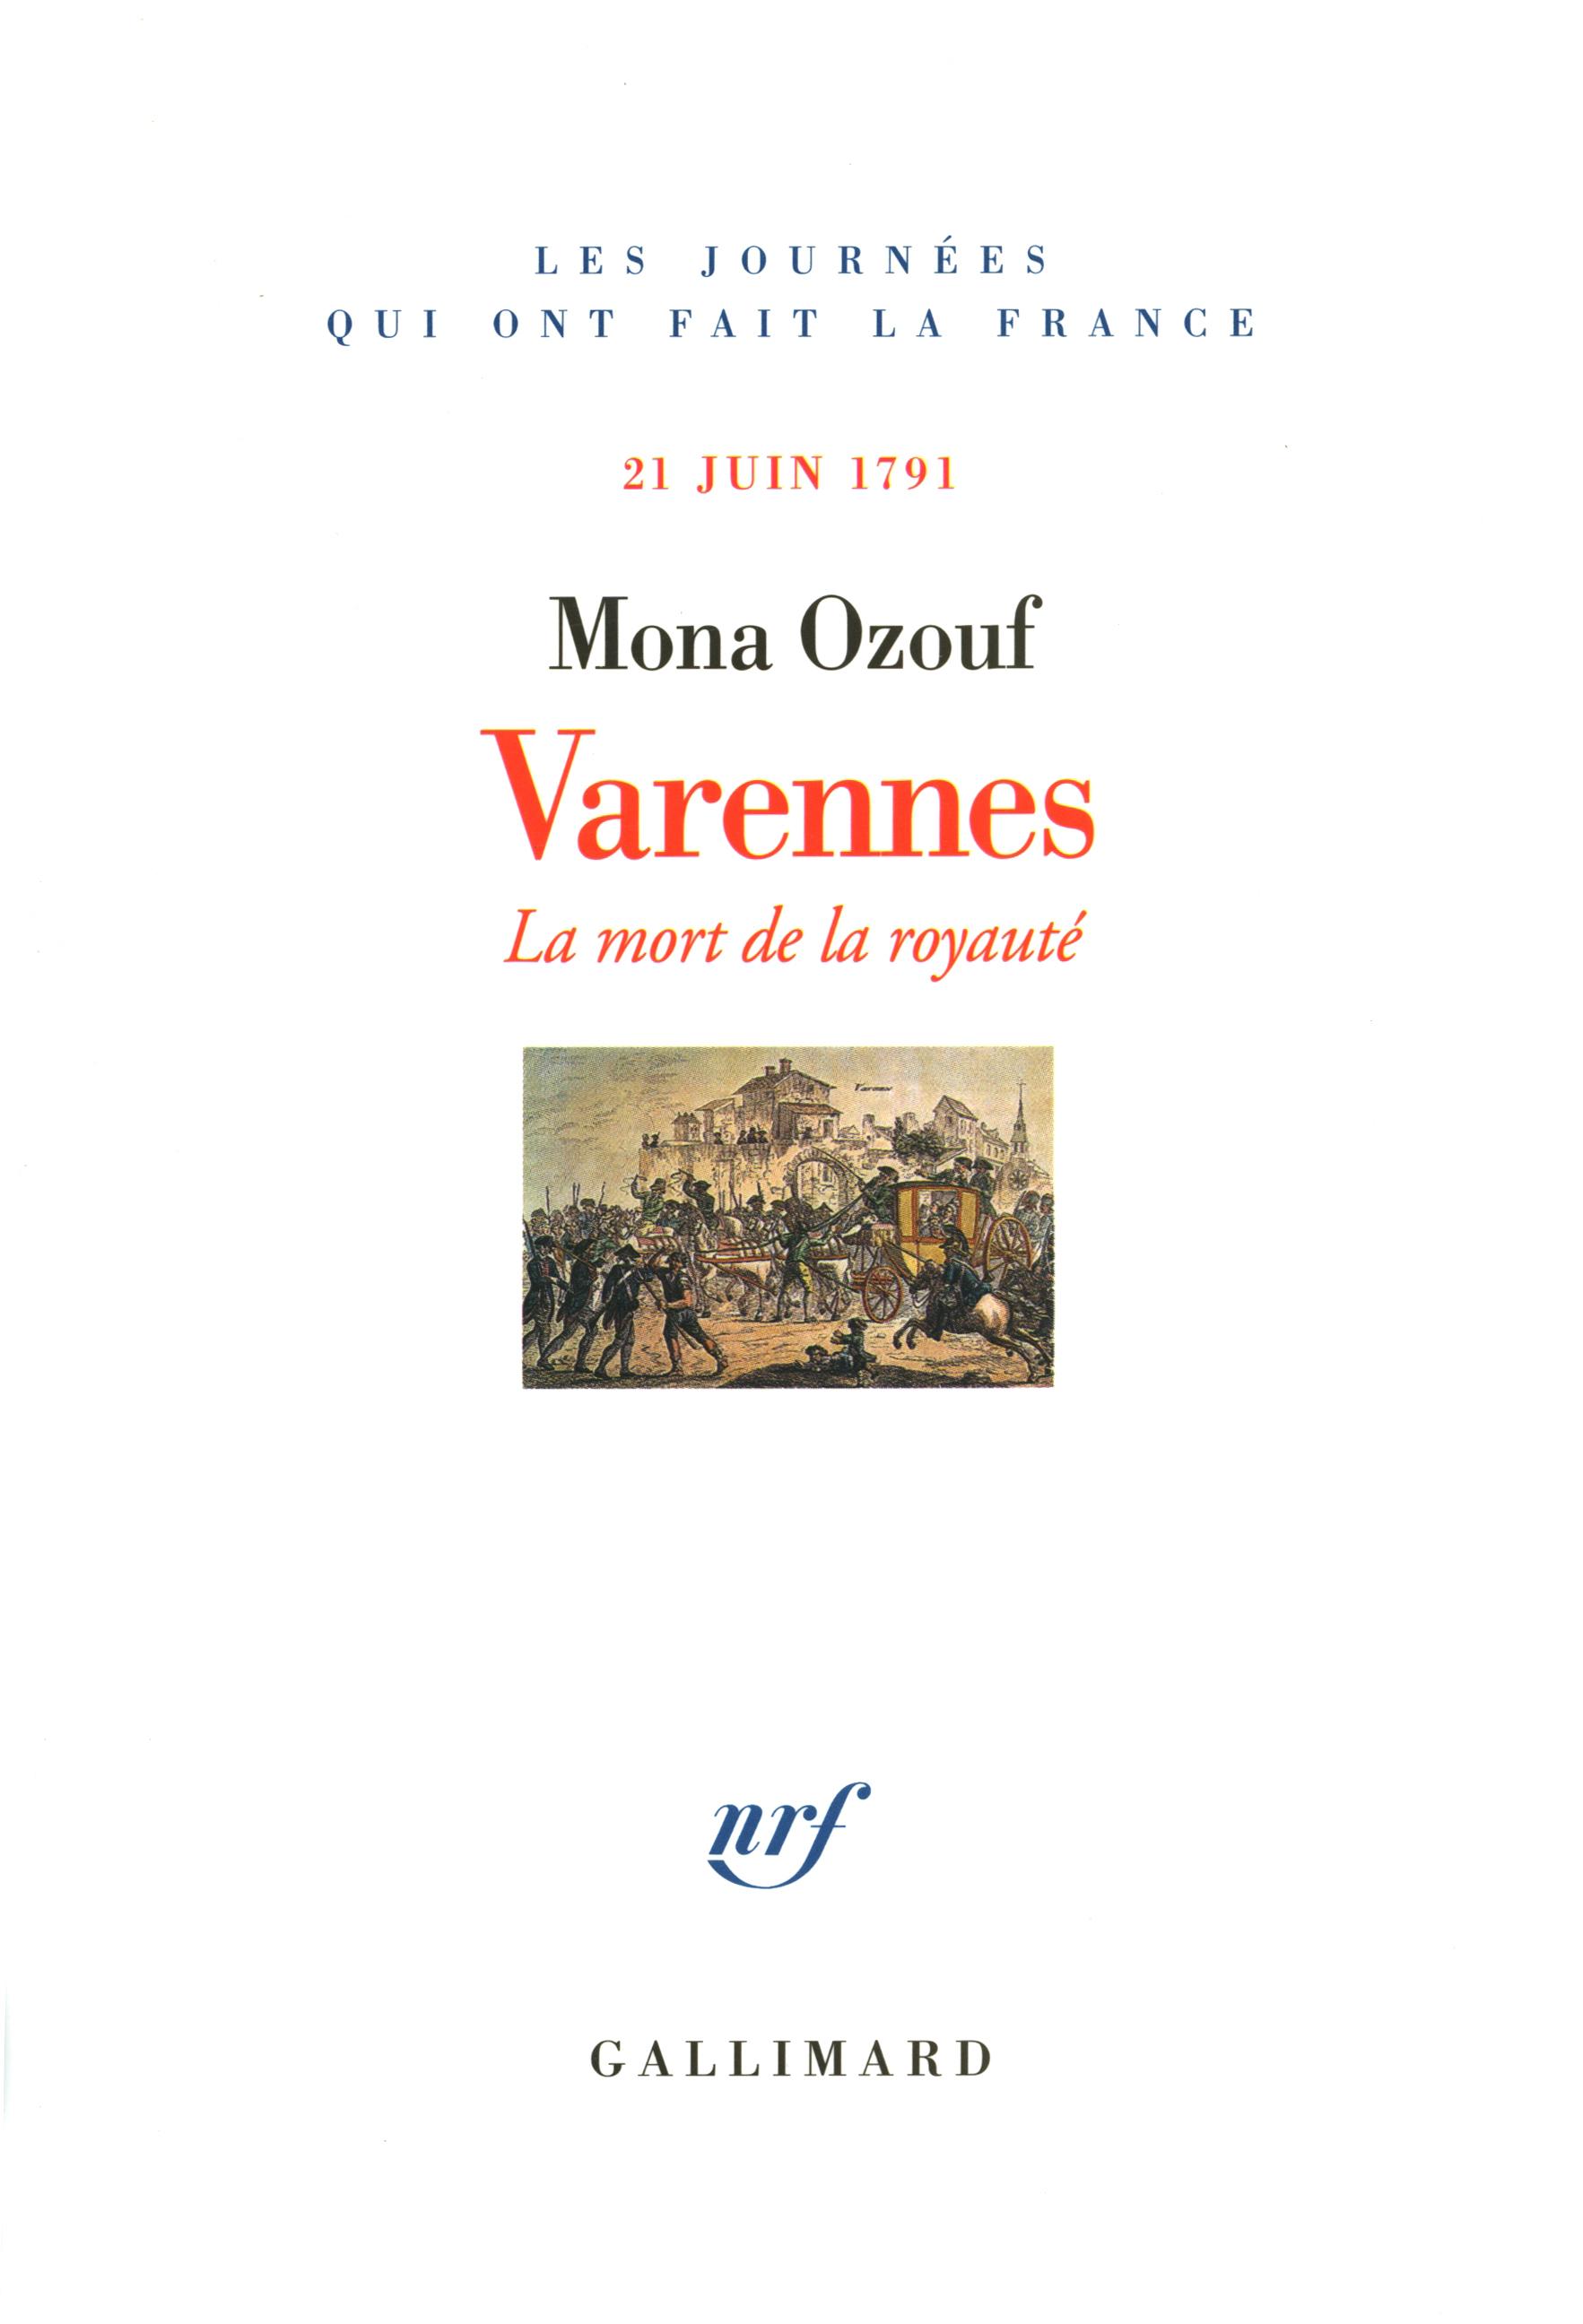 VARENNES 21 JUIN 1791